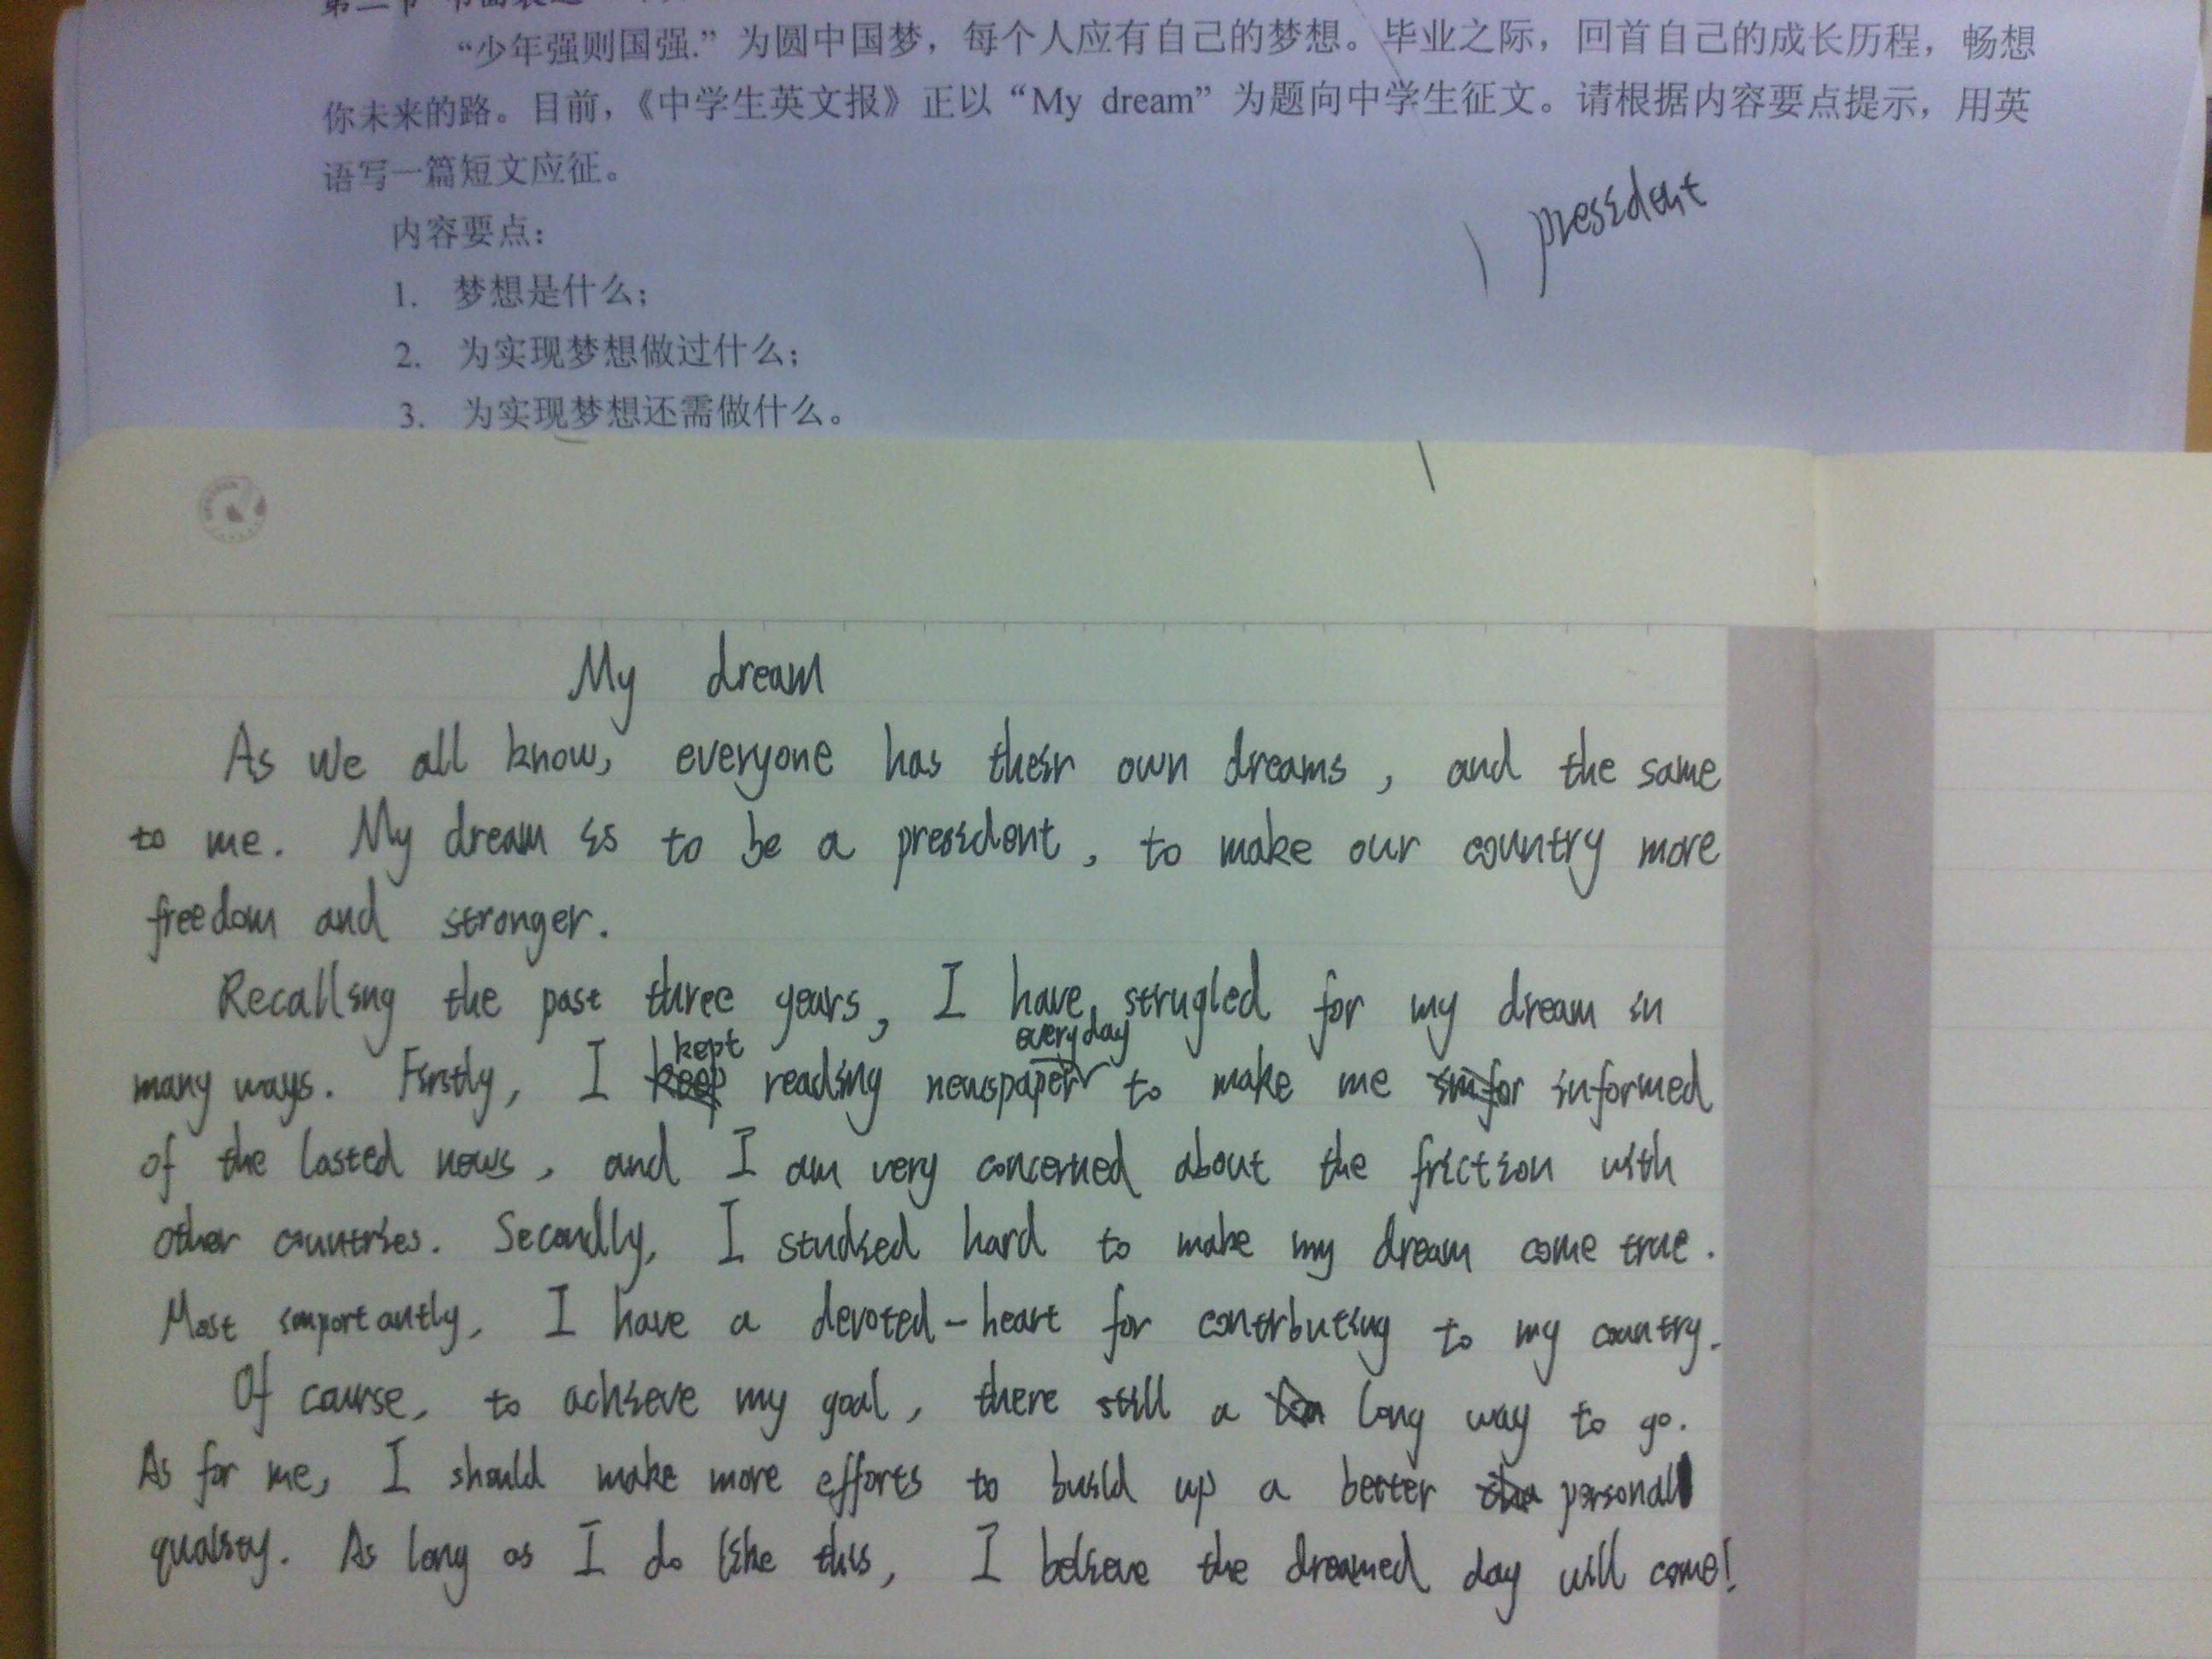 作文语法,求v作文,点出高中错误和更好的英语表达,另外我一写起高中智德跳楼图片